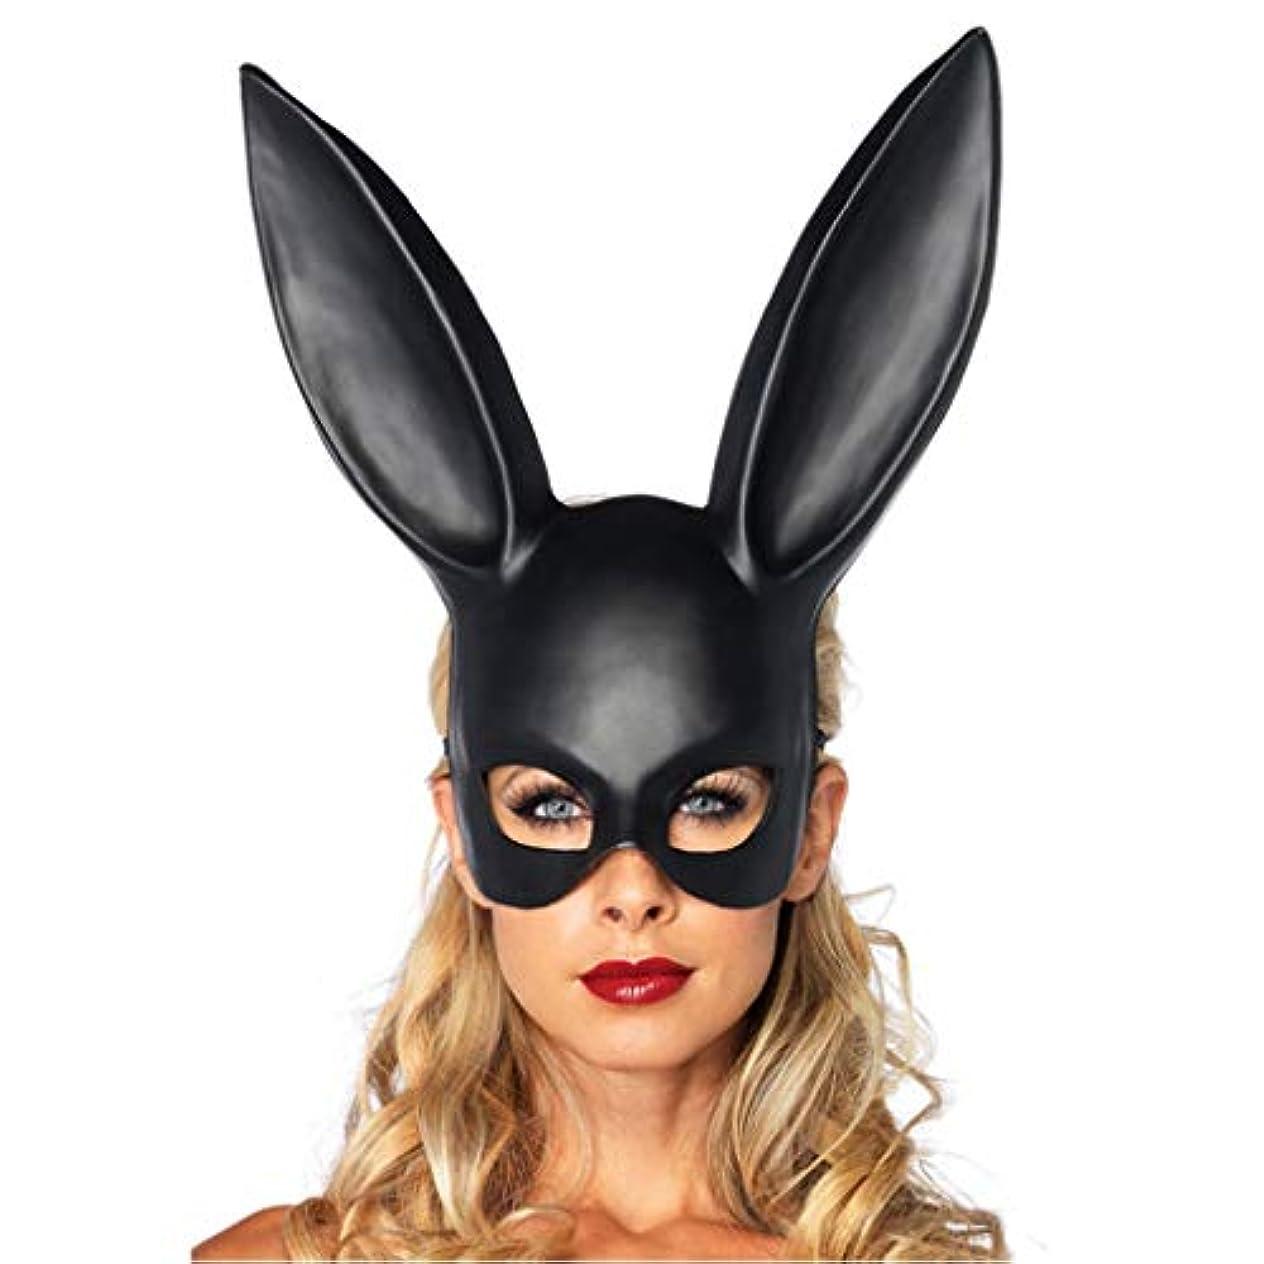 汚物エチケットにはまってハロウィーン仮装イヤーマスクバーKTVパーティーマスクかわいいウサギのマスク (Color : A)